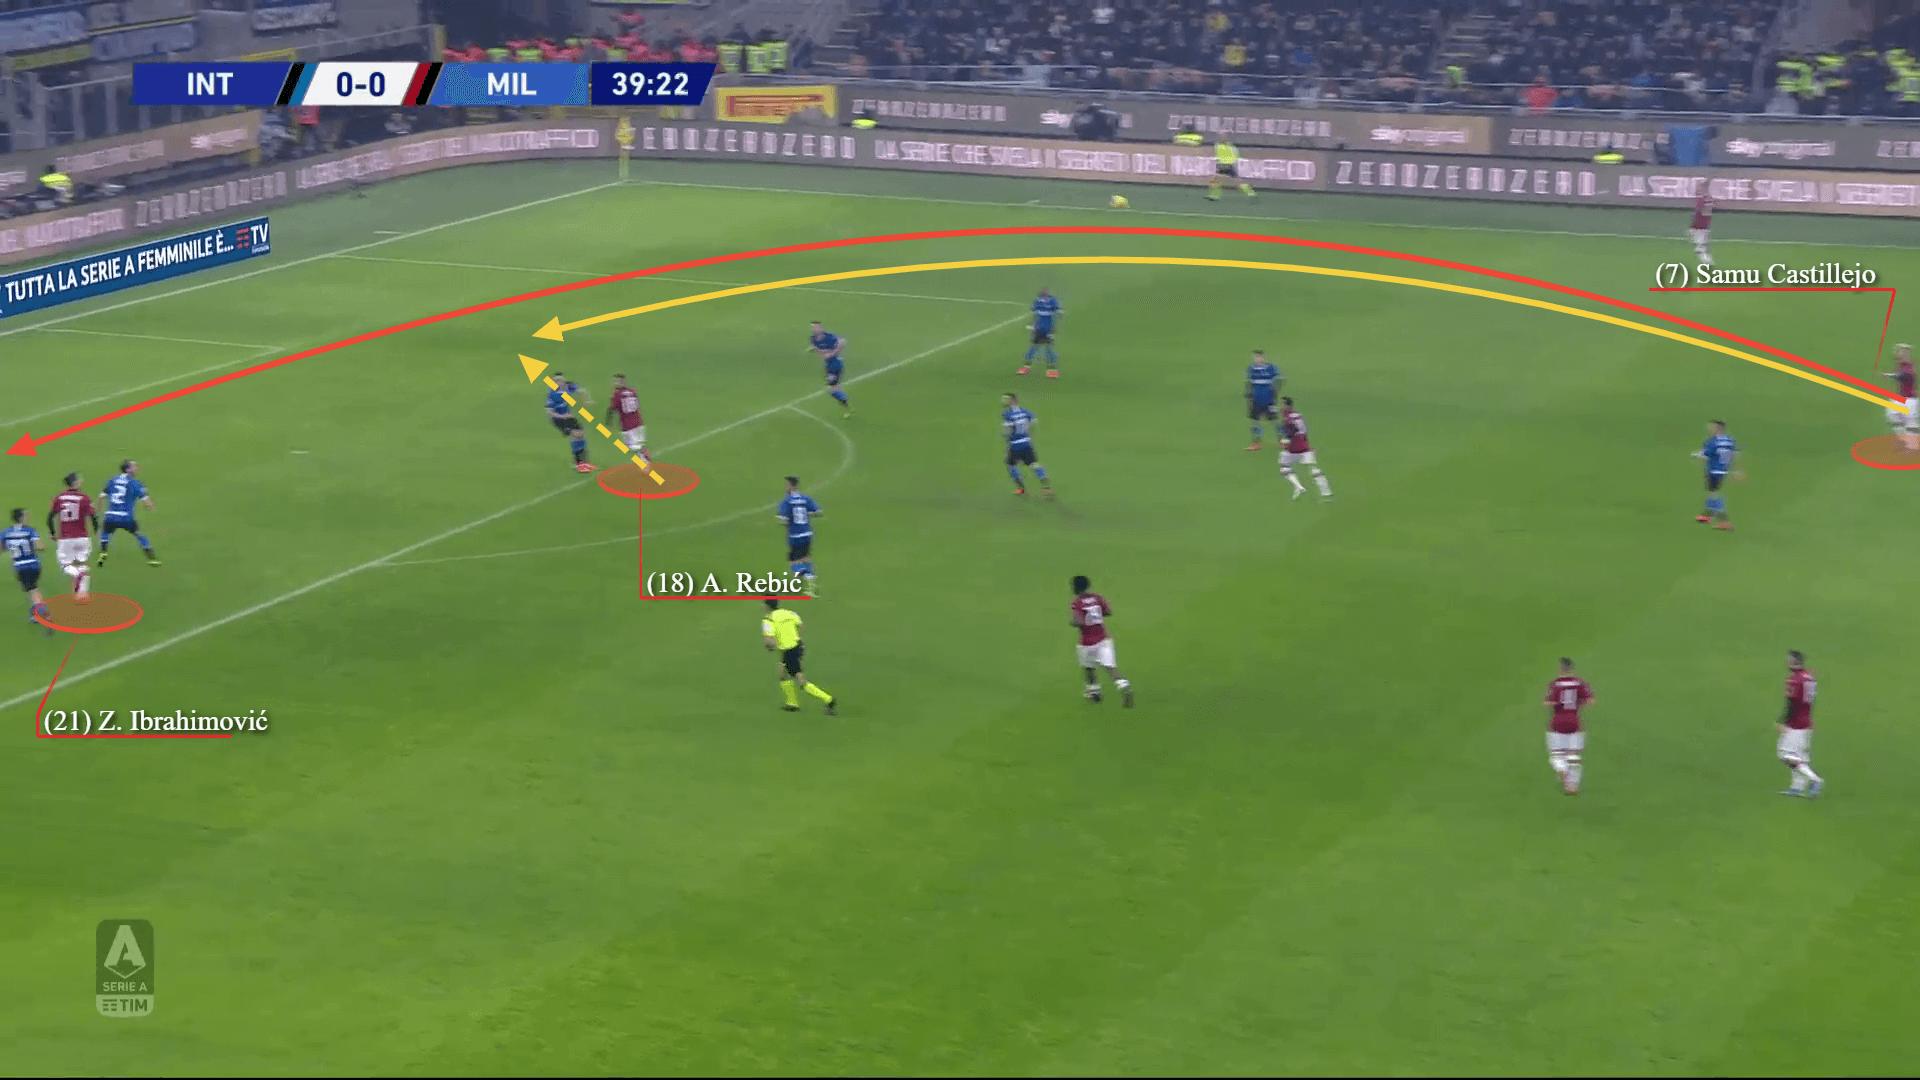 Serie A 2019/20: Inter vs Milan - tactical analysis tactics